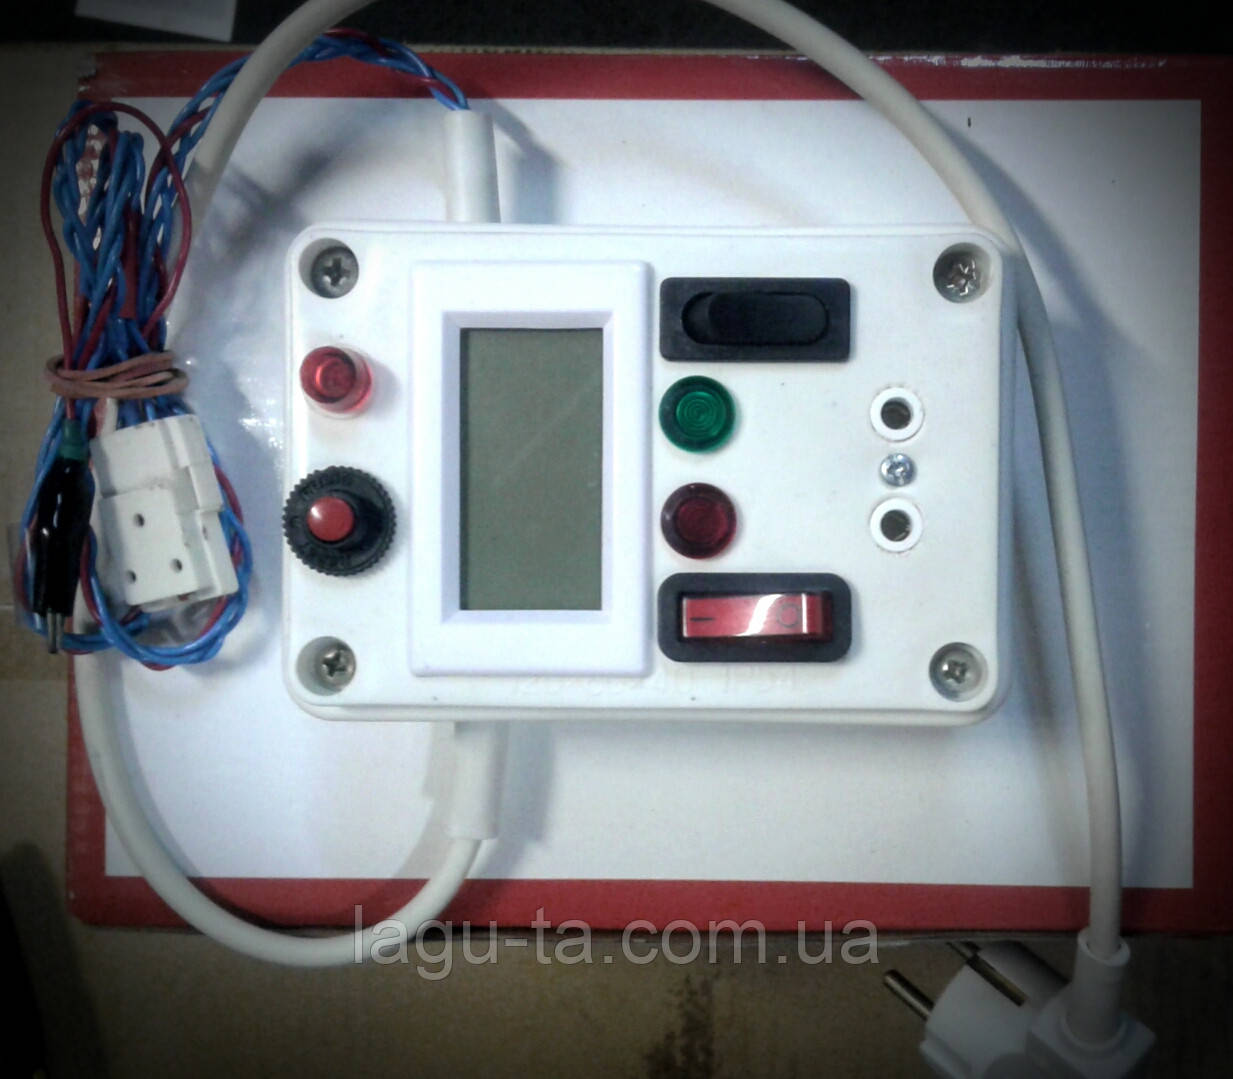 Прибор для проверки мотор -компрессора в любом холодильном оборудовании